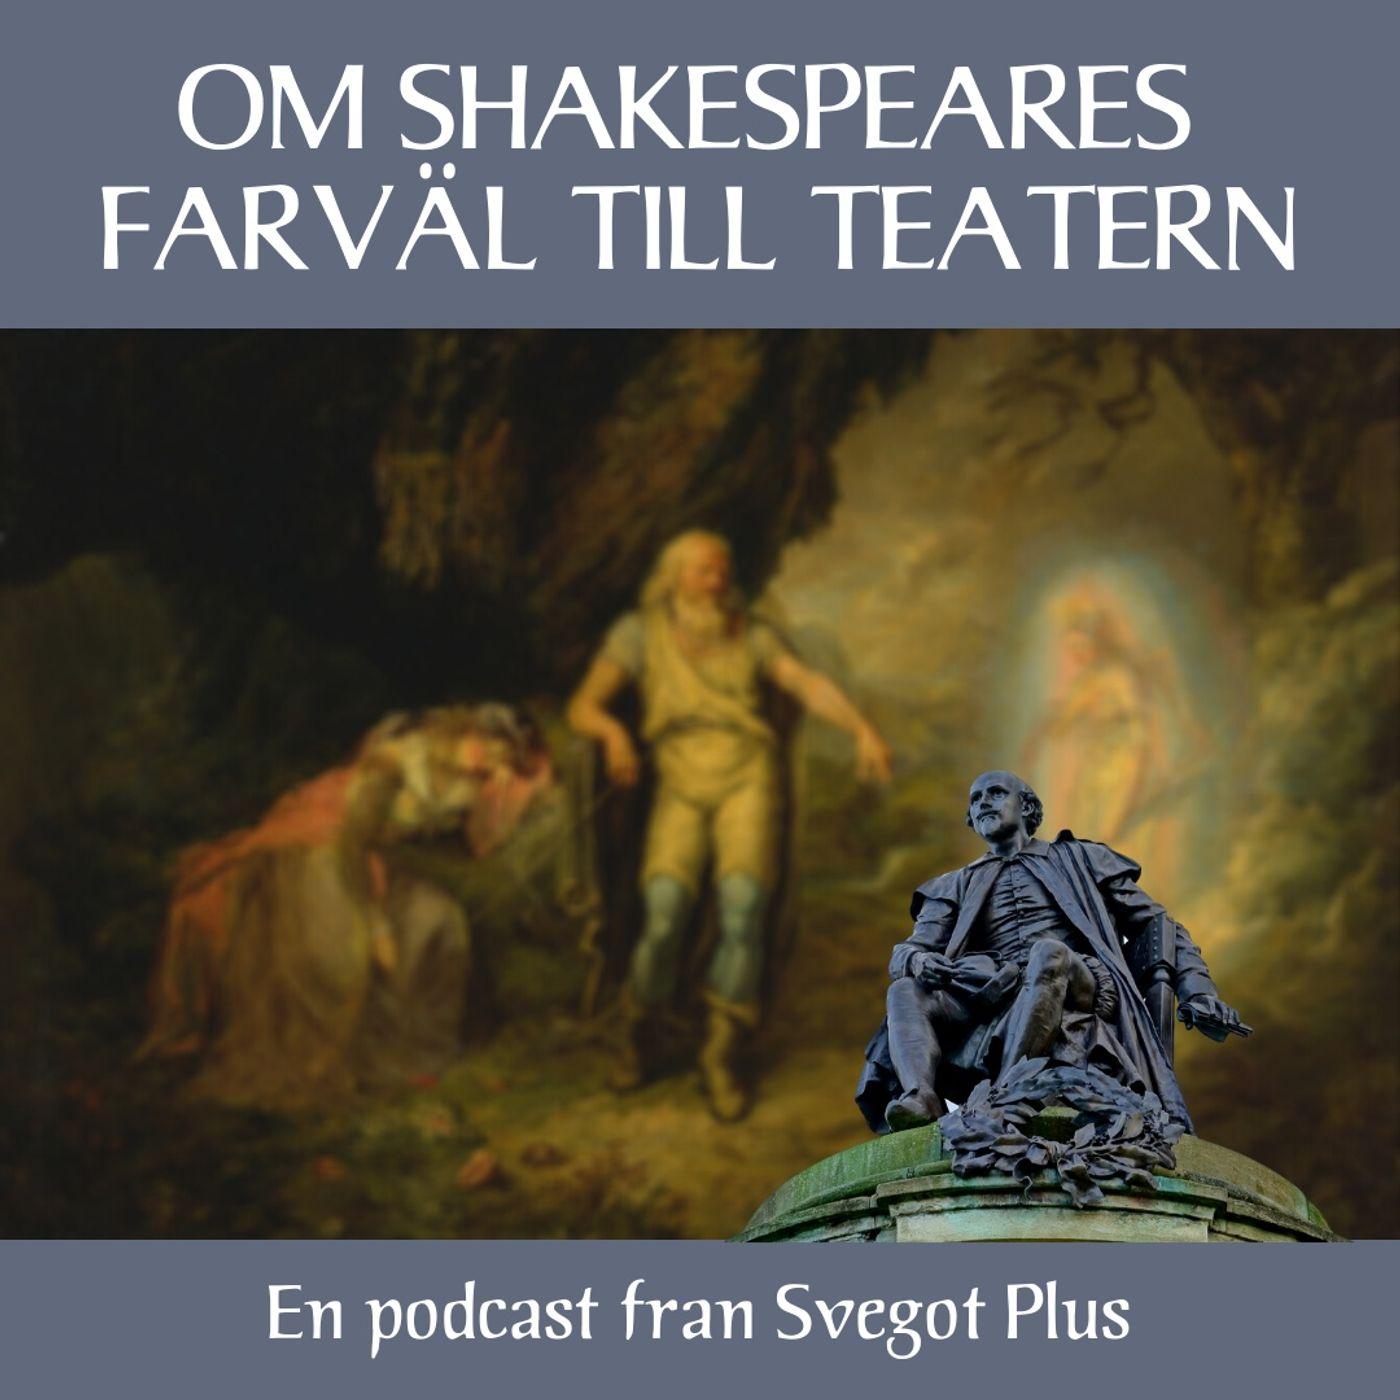 Om Shakespeares farväl till teatern